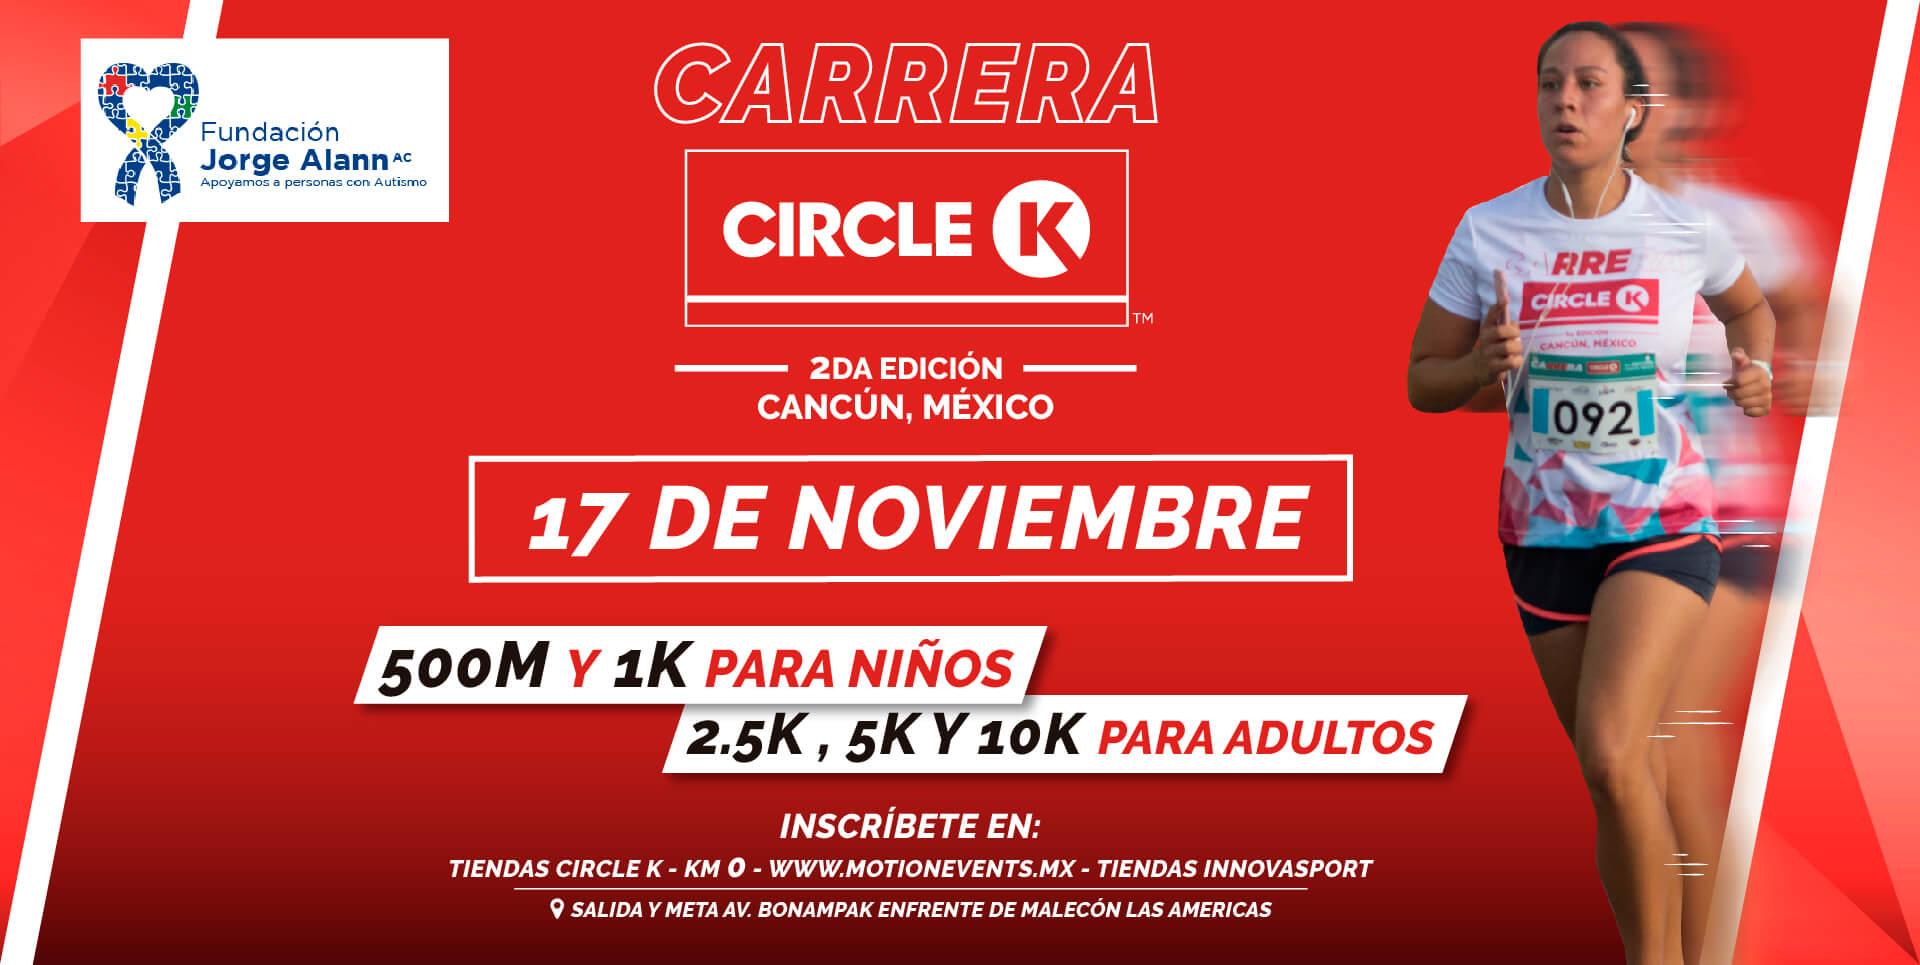 Segunda Carrera Cicle K En Cancun Mexico